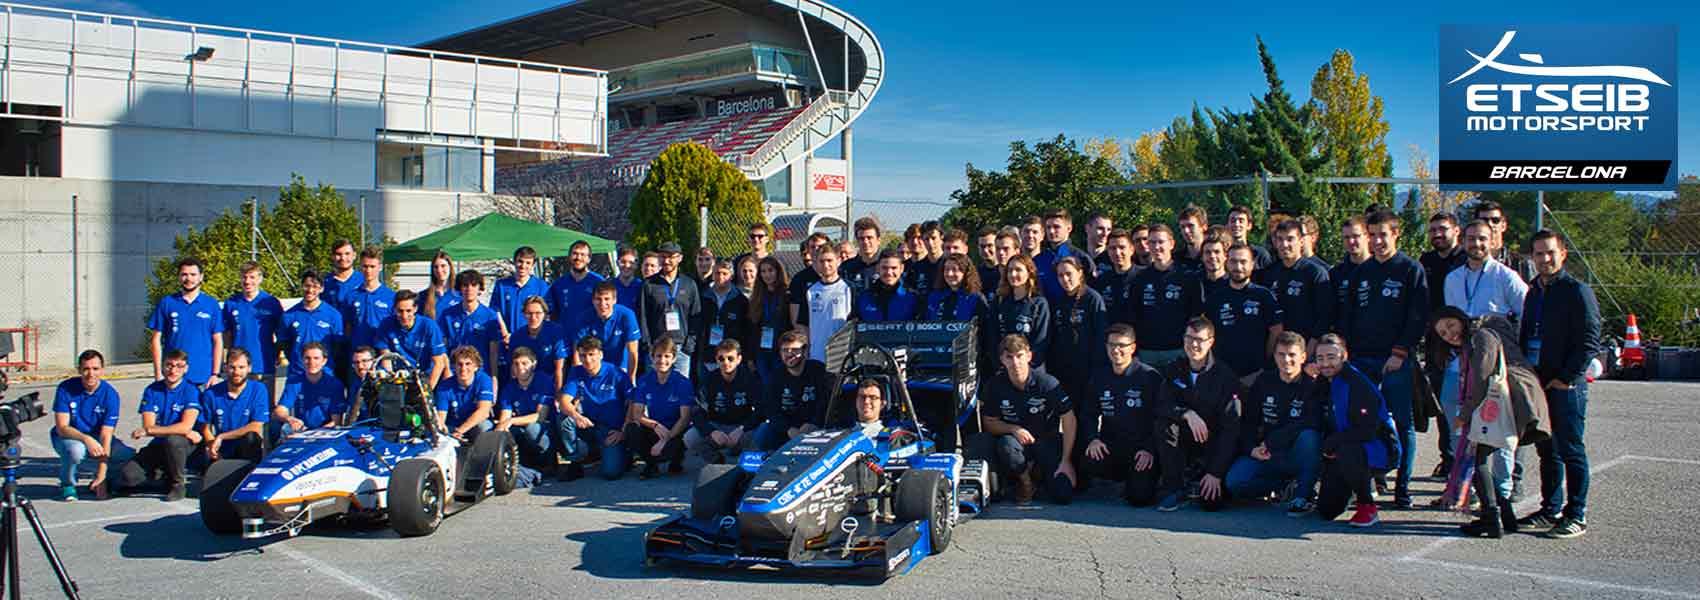 Etseib-Motorsport-Blog-Banner